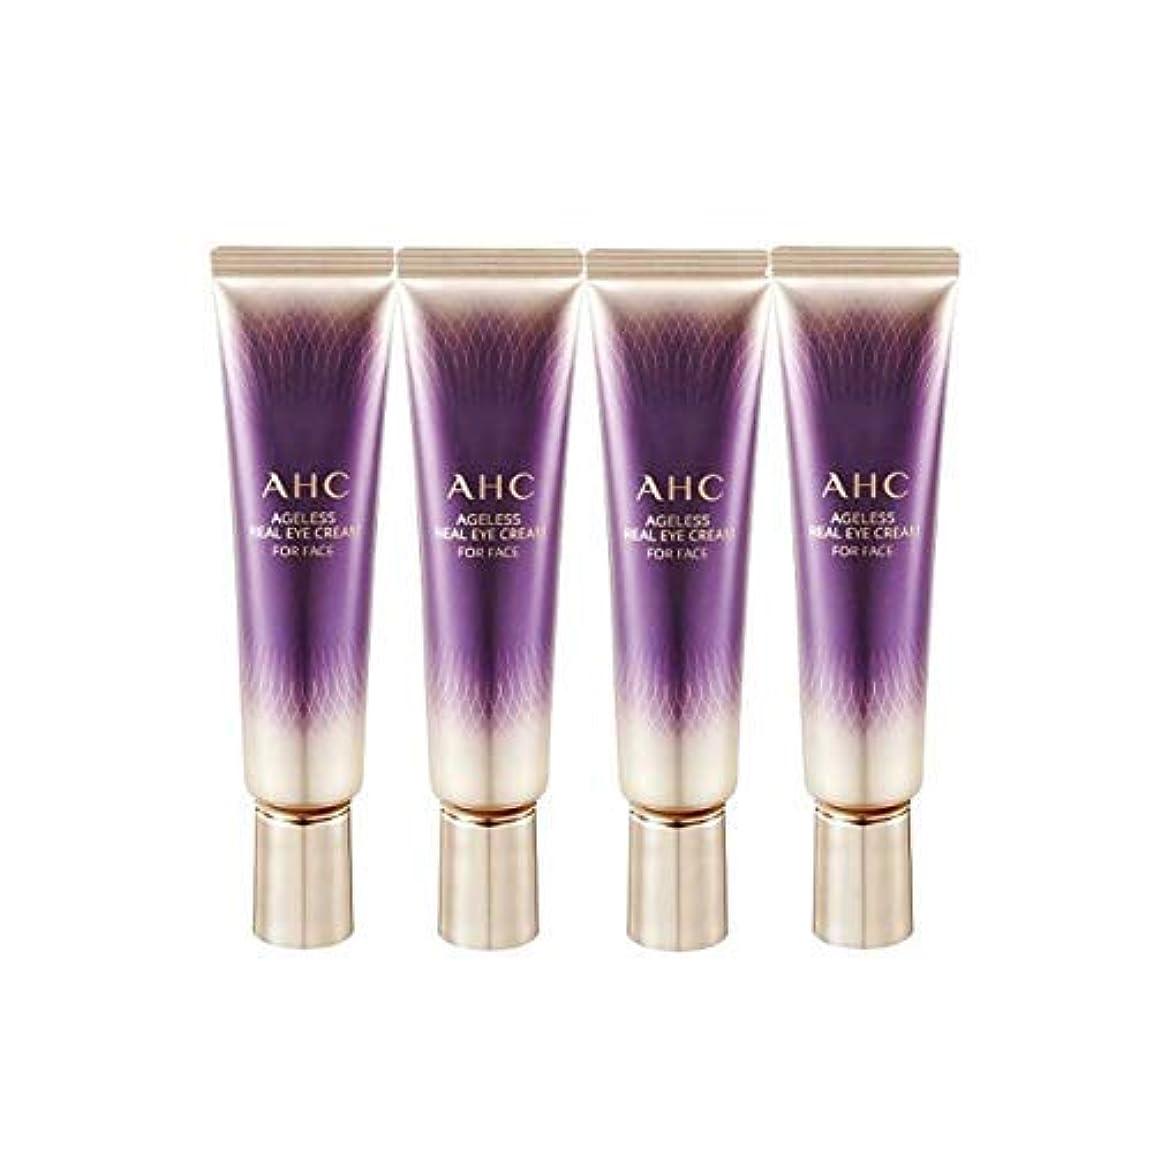 あご見ましたユーザーAHC 2019 New Season 7 Ageless Real Eye Cream for Face 1 Fl Oz 30ml x 4 Anti-Wrinkle Brightness Contains Collagen